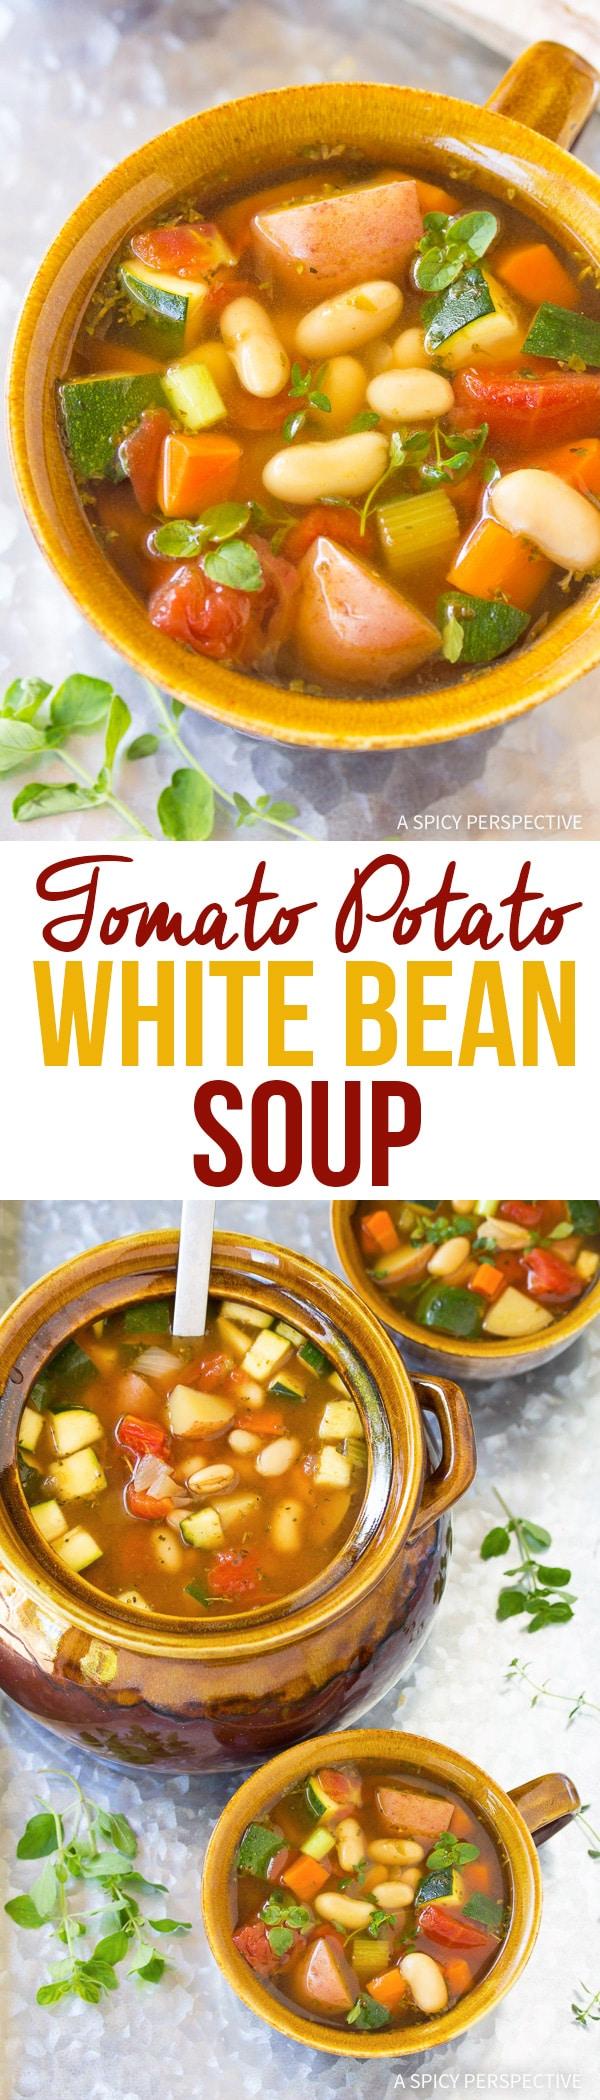 Healthy Tomato Potato White Bean Soup Recipe